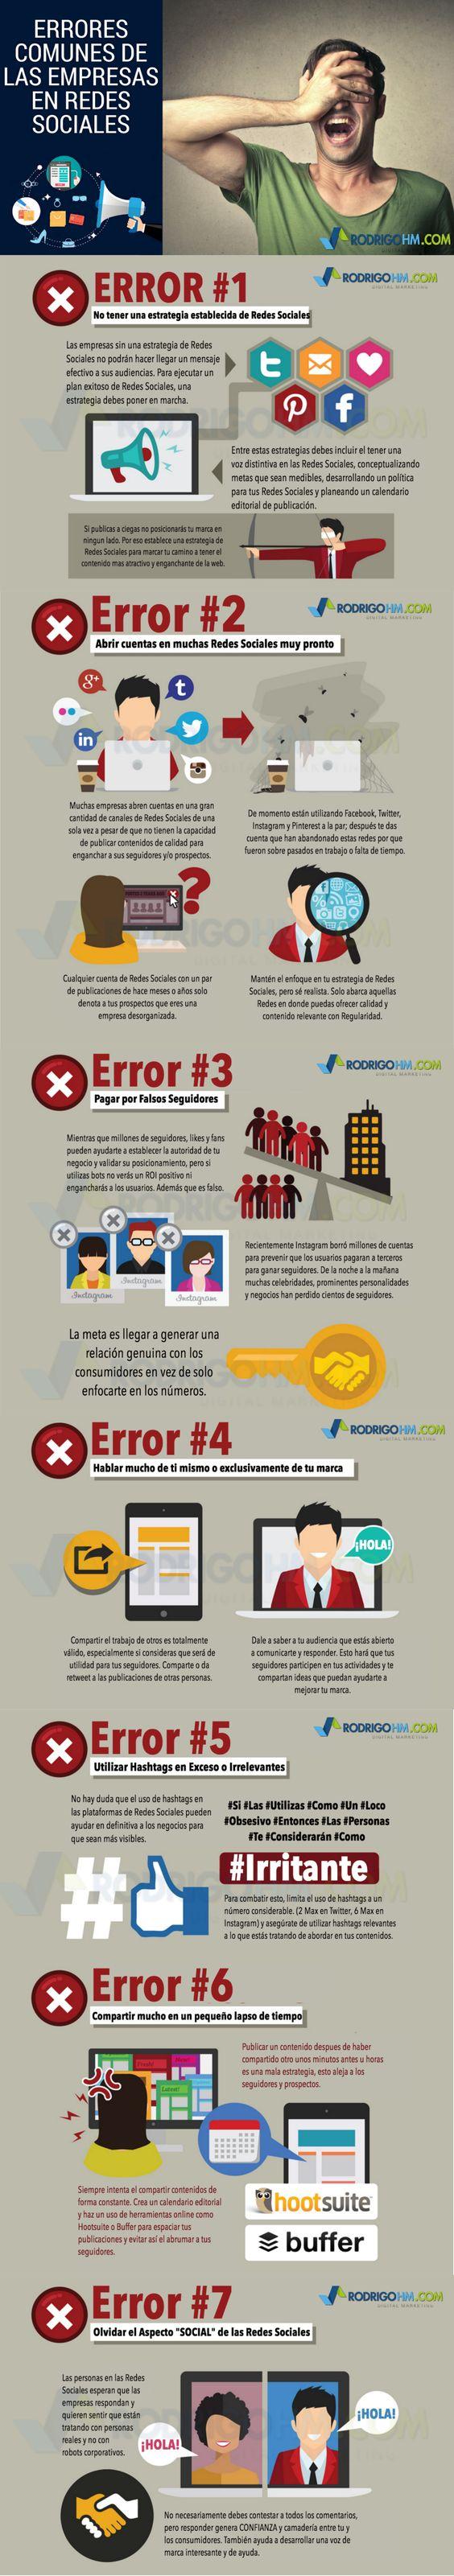 Errores de las Empresas en las Redes Sociales #infografia